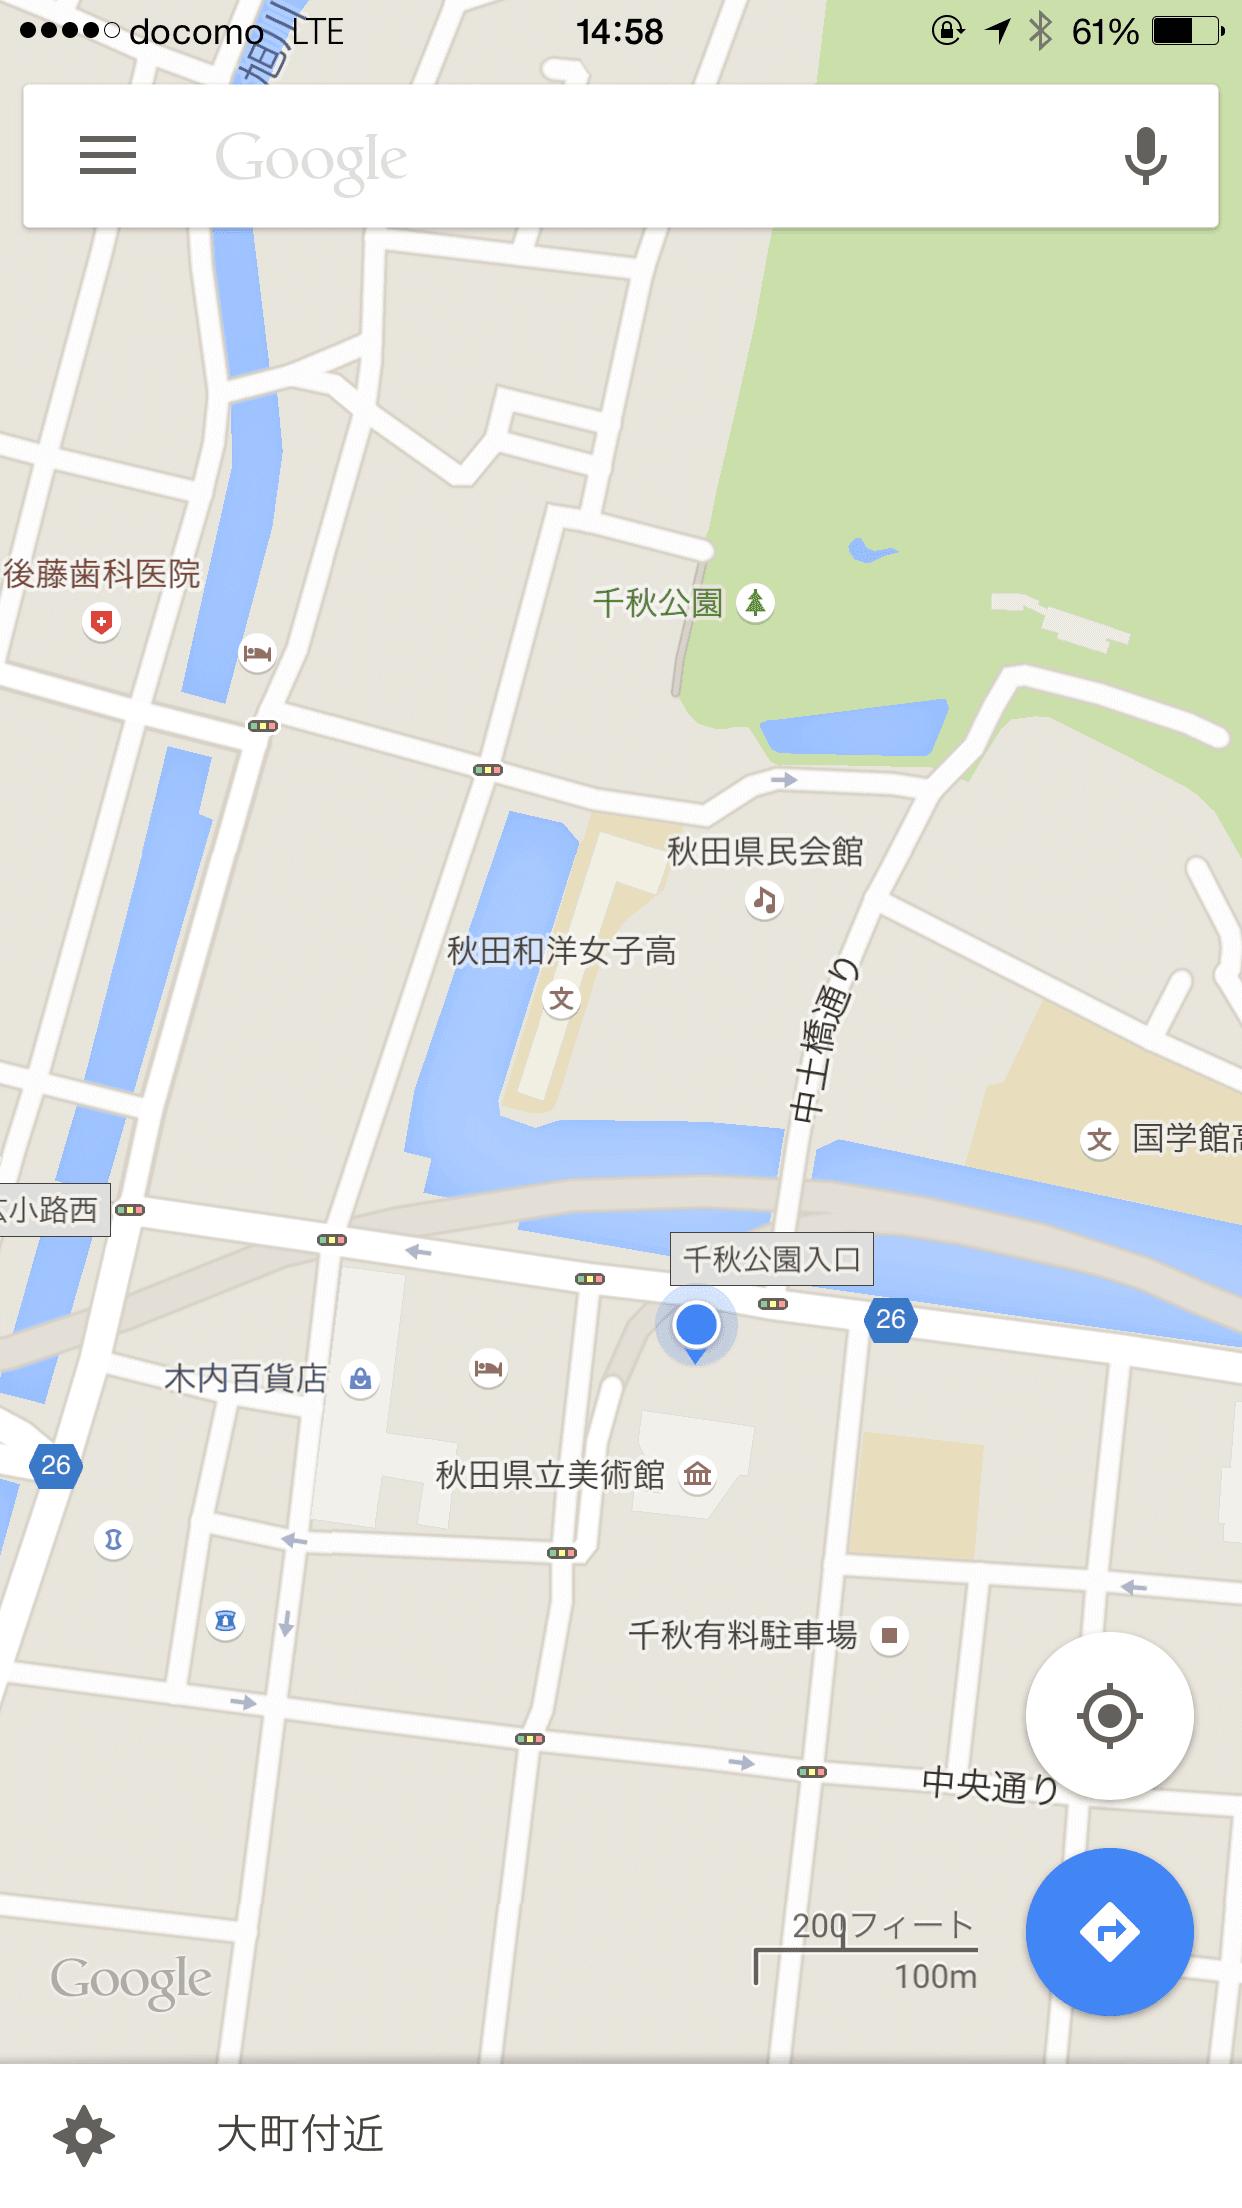 秋田県立美術館と久保田城のお濠の位置関係